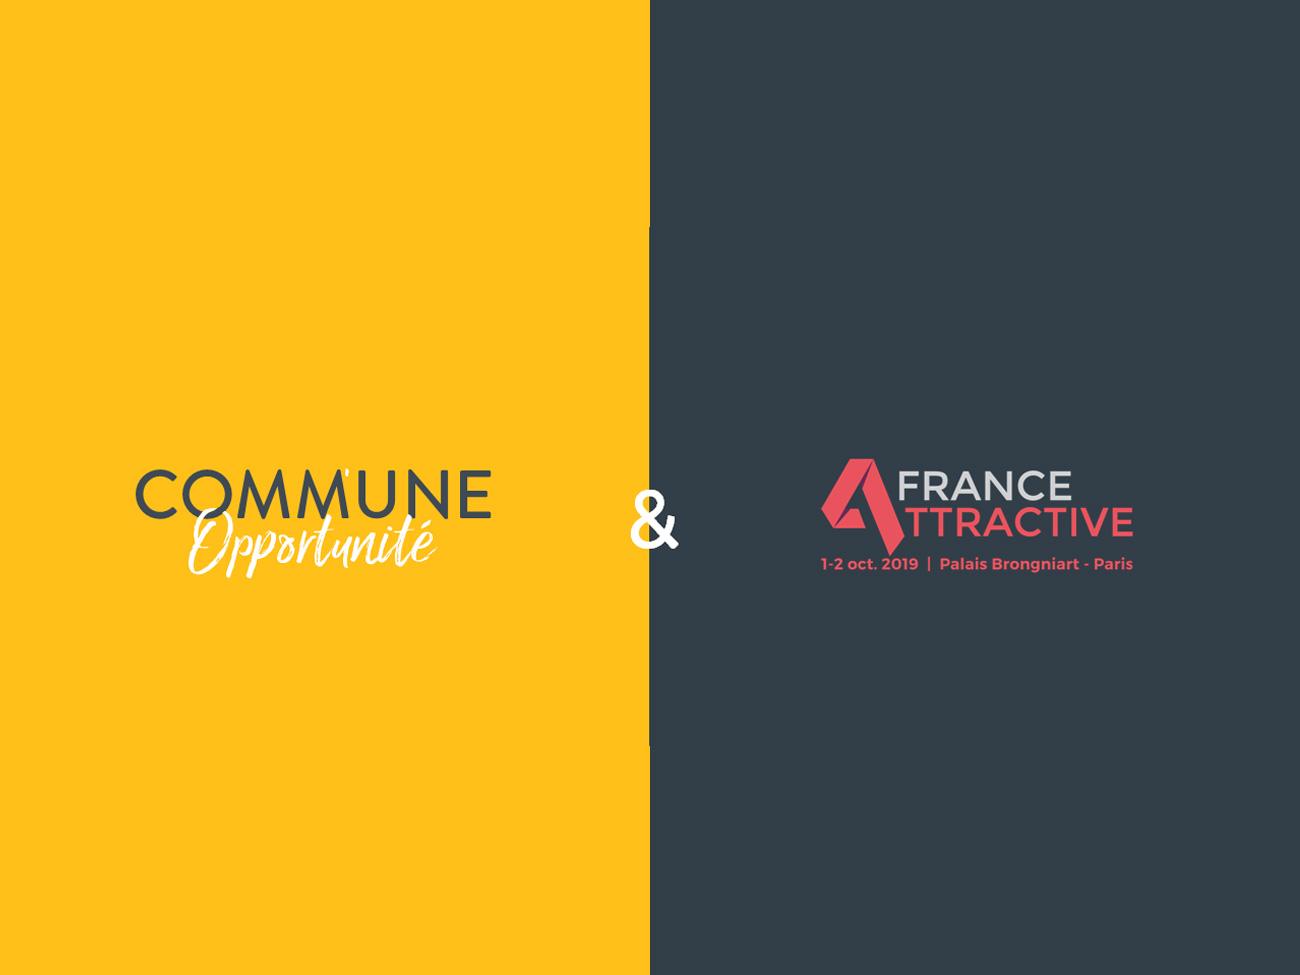 Partenariat Comm'une opportunité x France Attractive